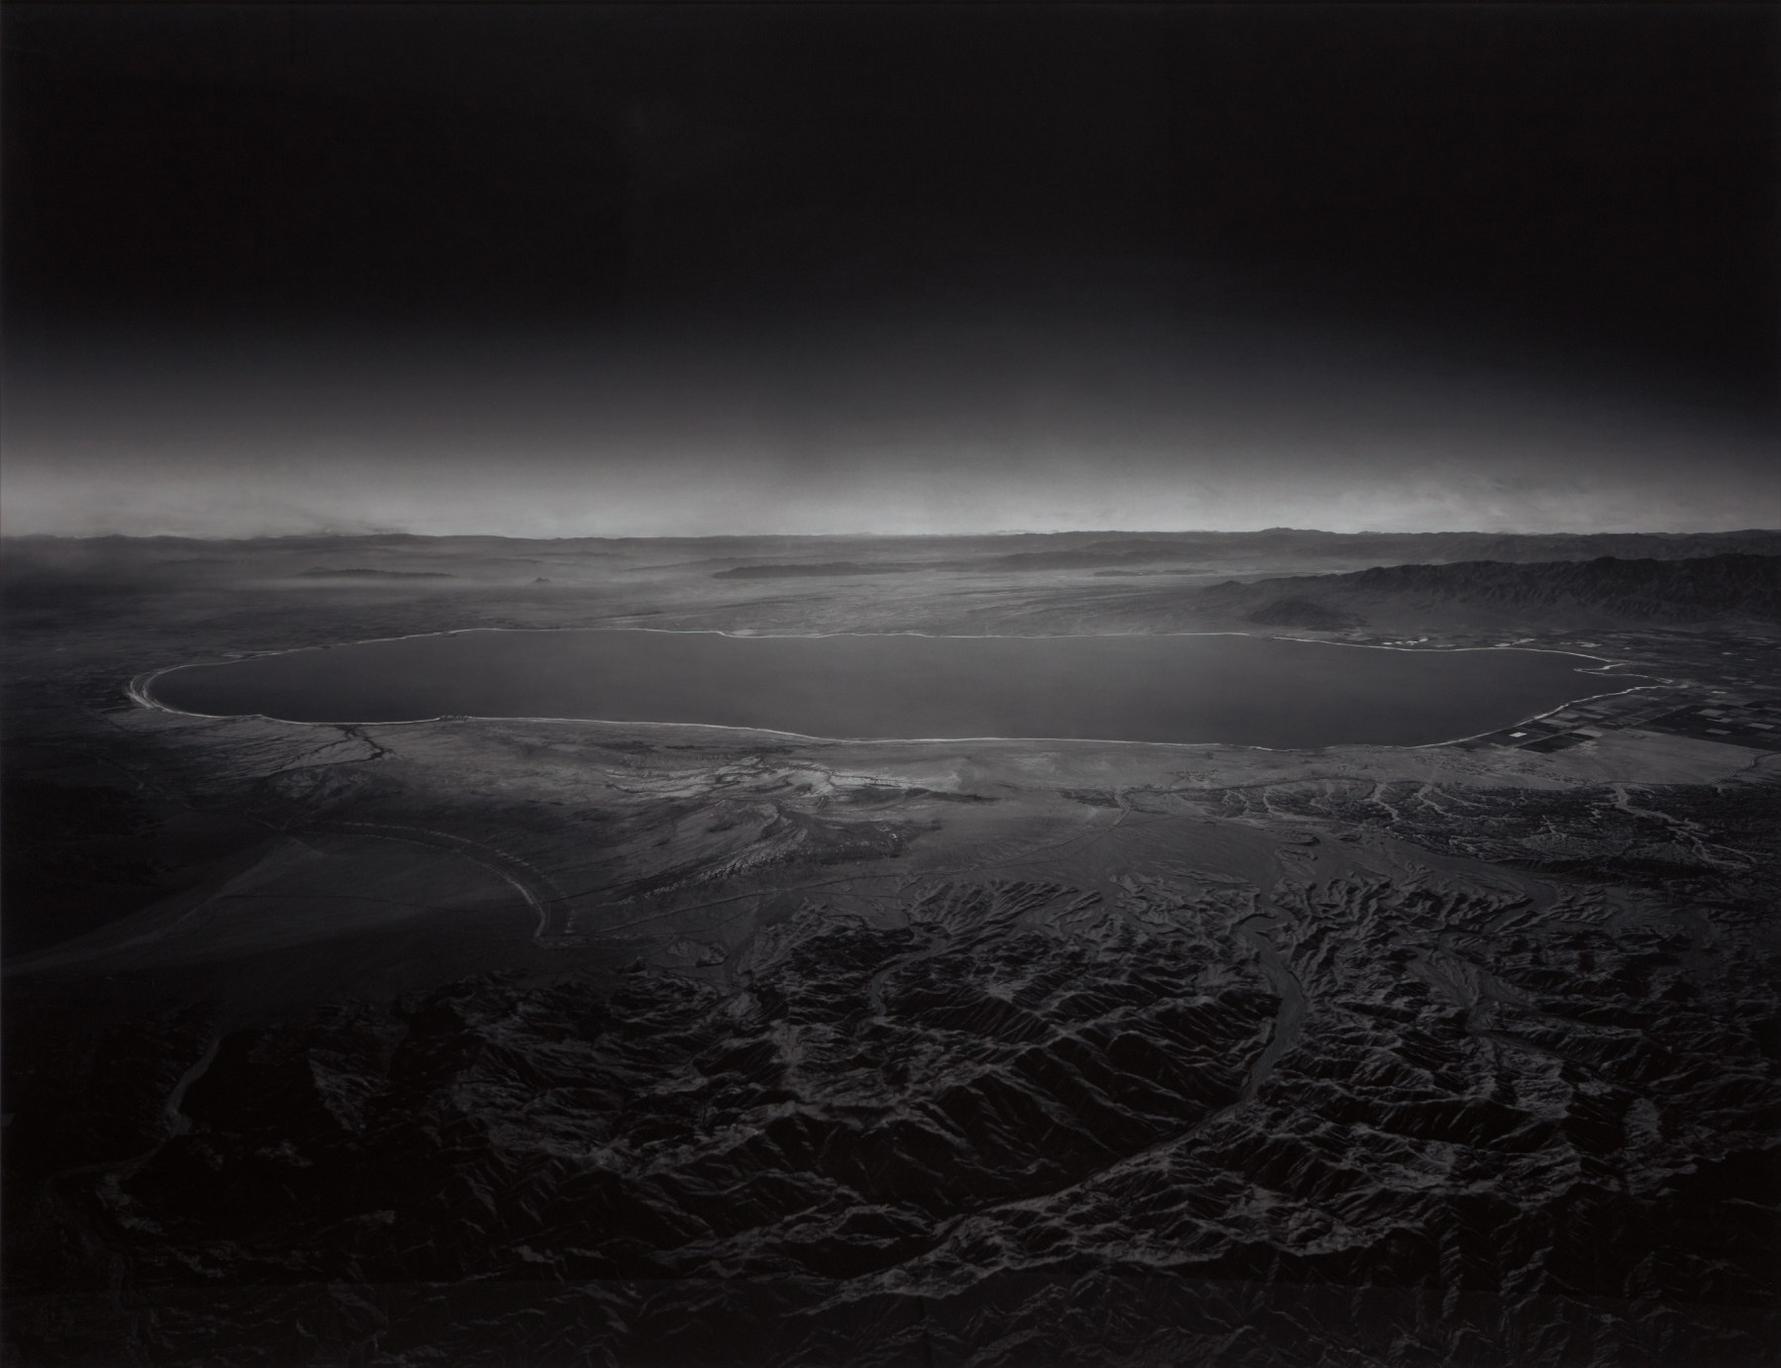 Florian Maier-Aichen-Salton Seas (II)-2009